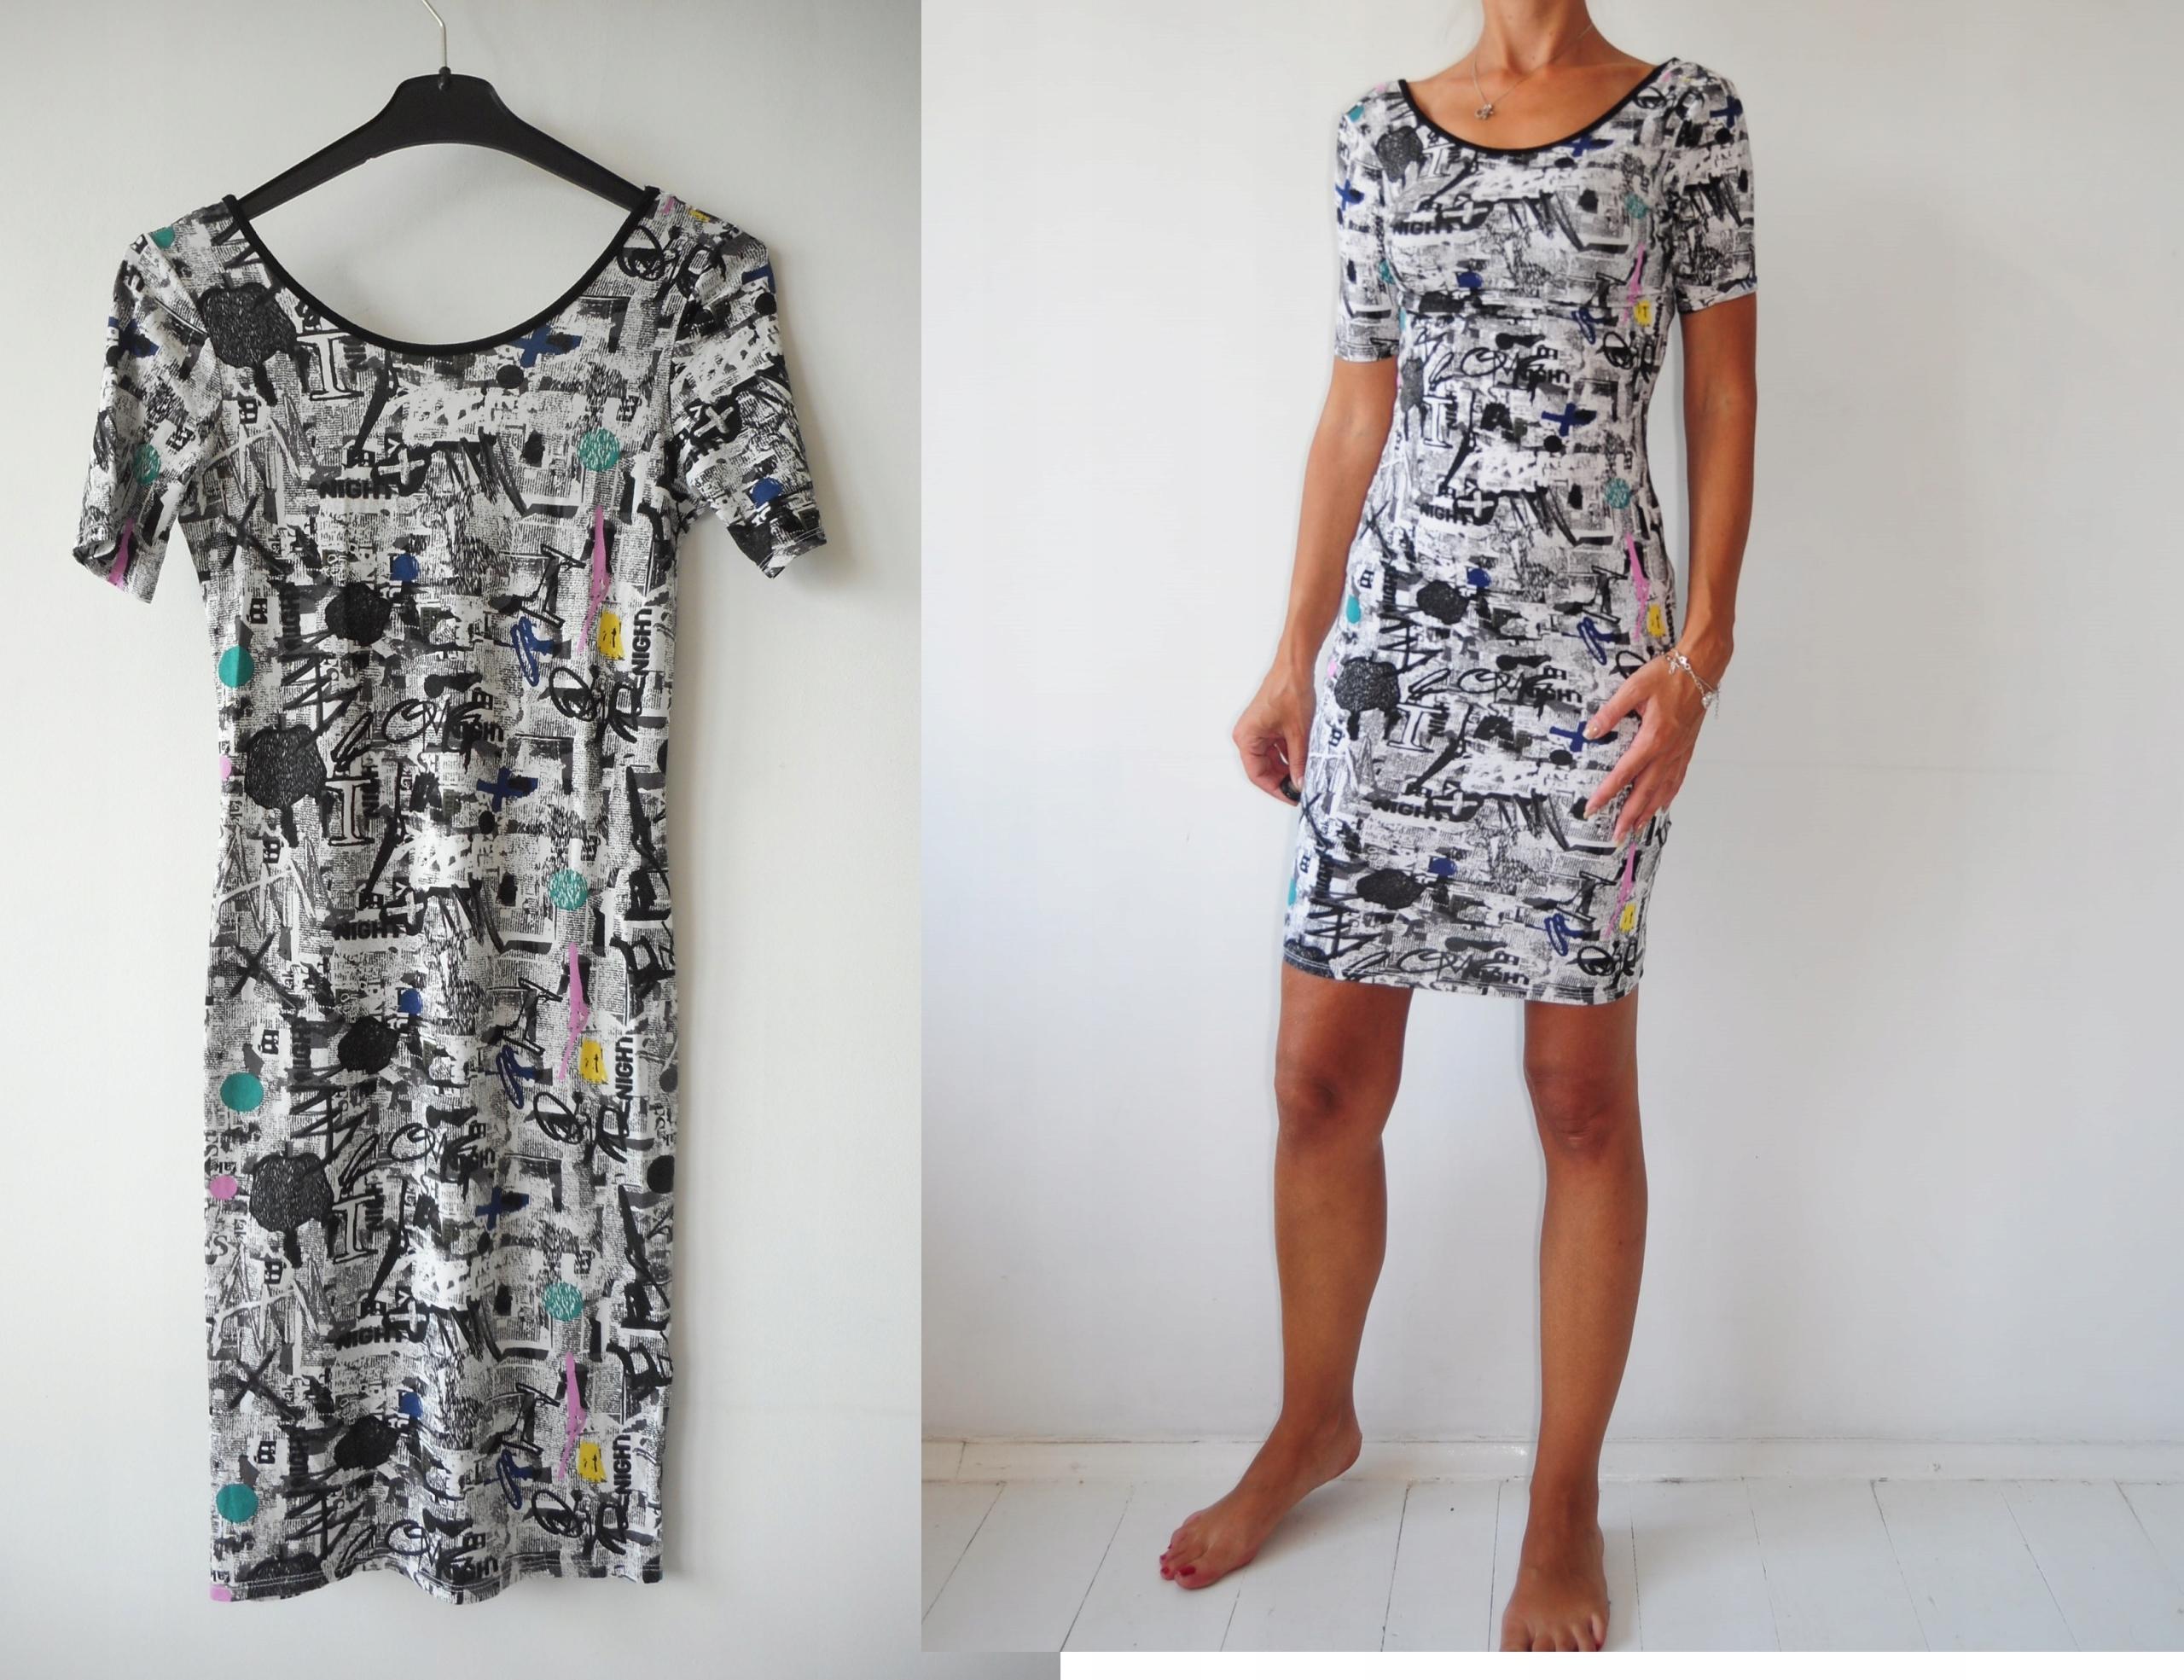 32672e3062 36 - Topshop sukienka biała w napisy wzorki - 7486951524 - oficjalne ...